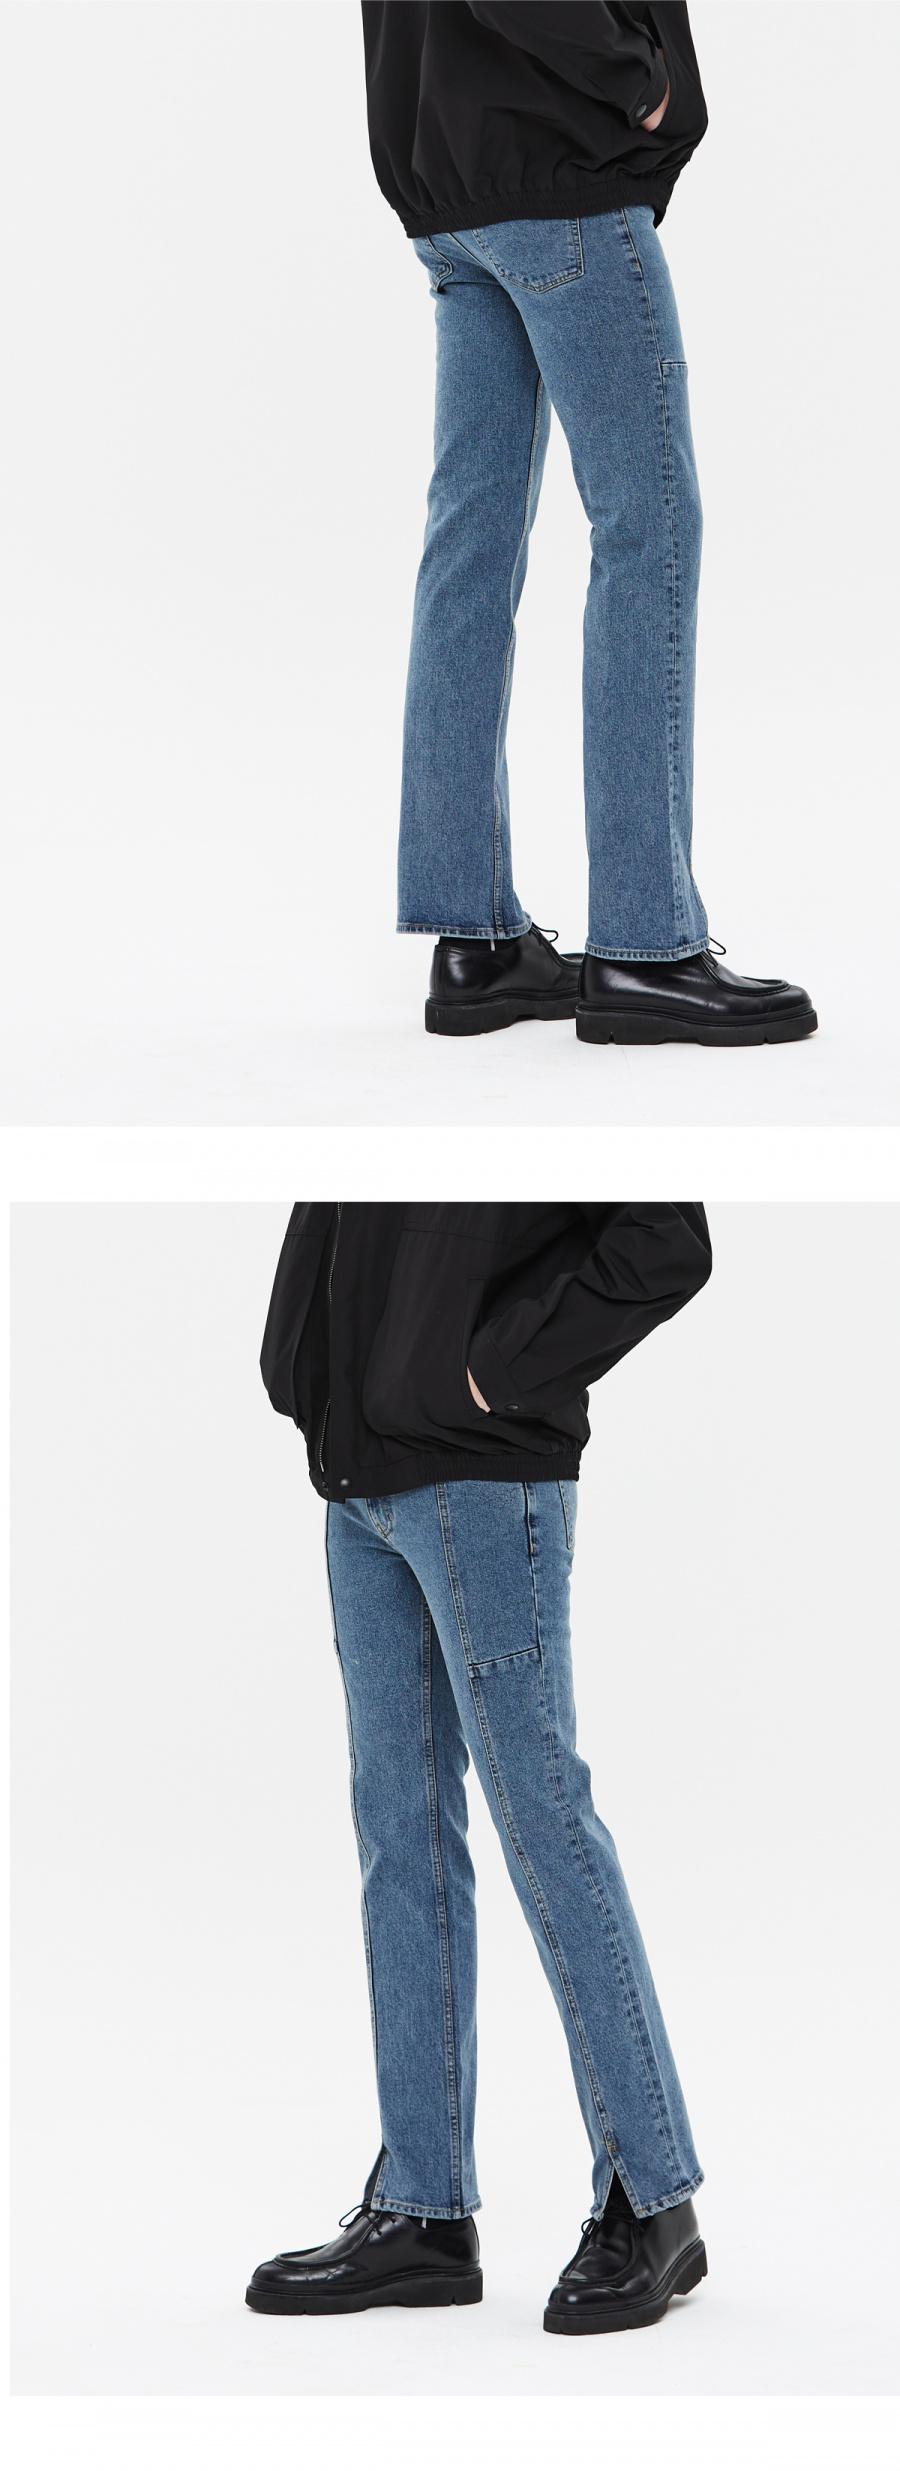 86로드(86ROAD) Front Slit Jean(MID BLUE)